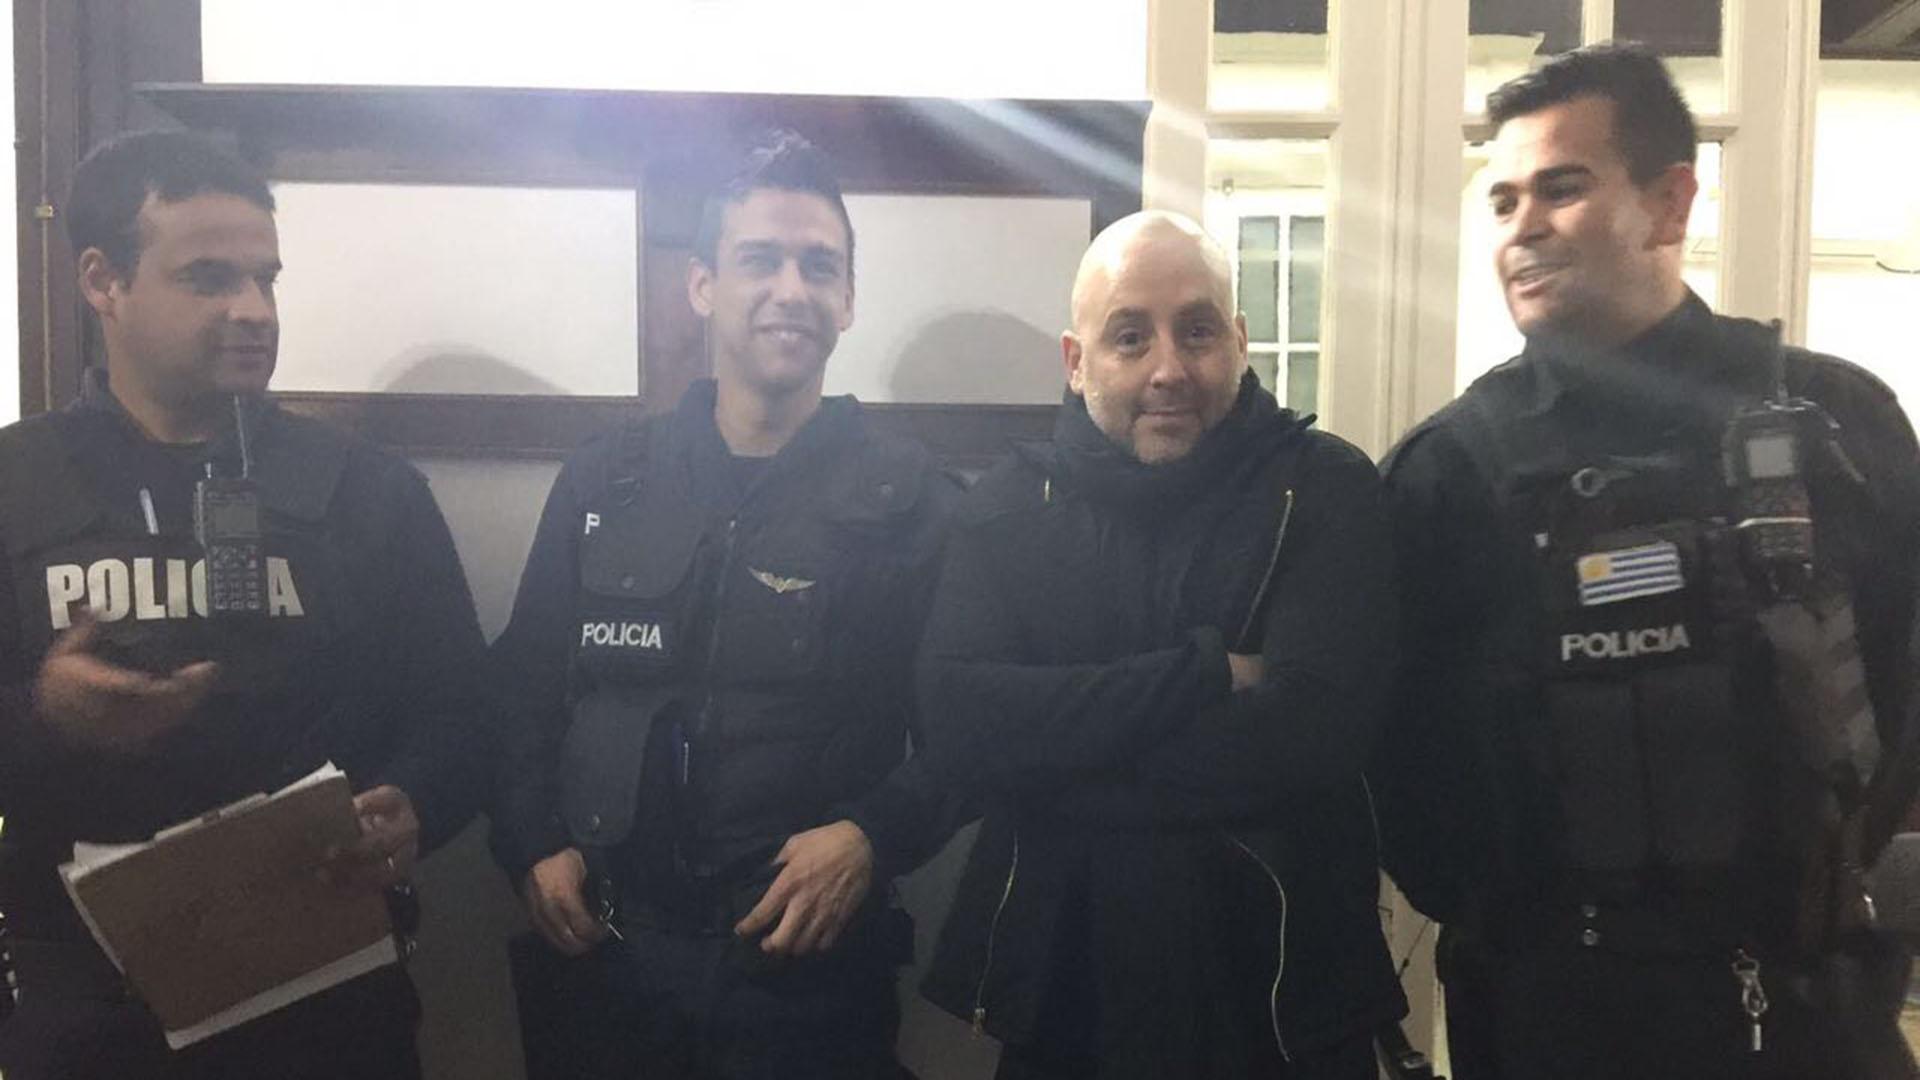 """José María Muscariy el elenco de """"Falladas"""" fueron víctimas de un robo en Montevideo ylos encerraron en la sala del teatro durante el hecho delictivo"""